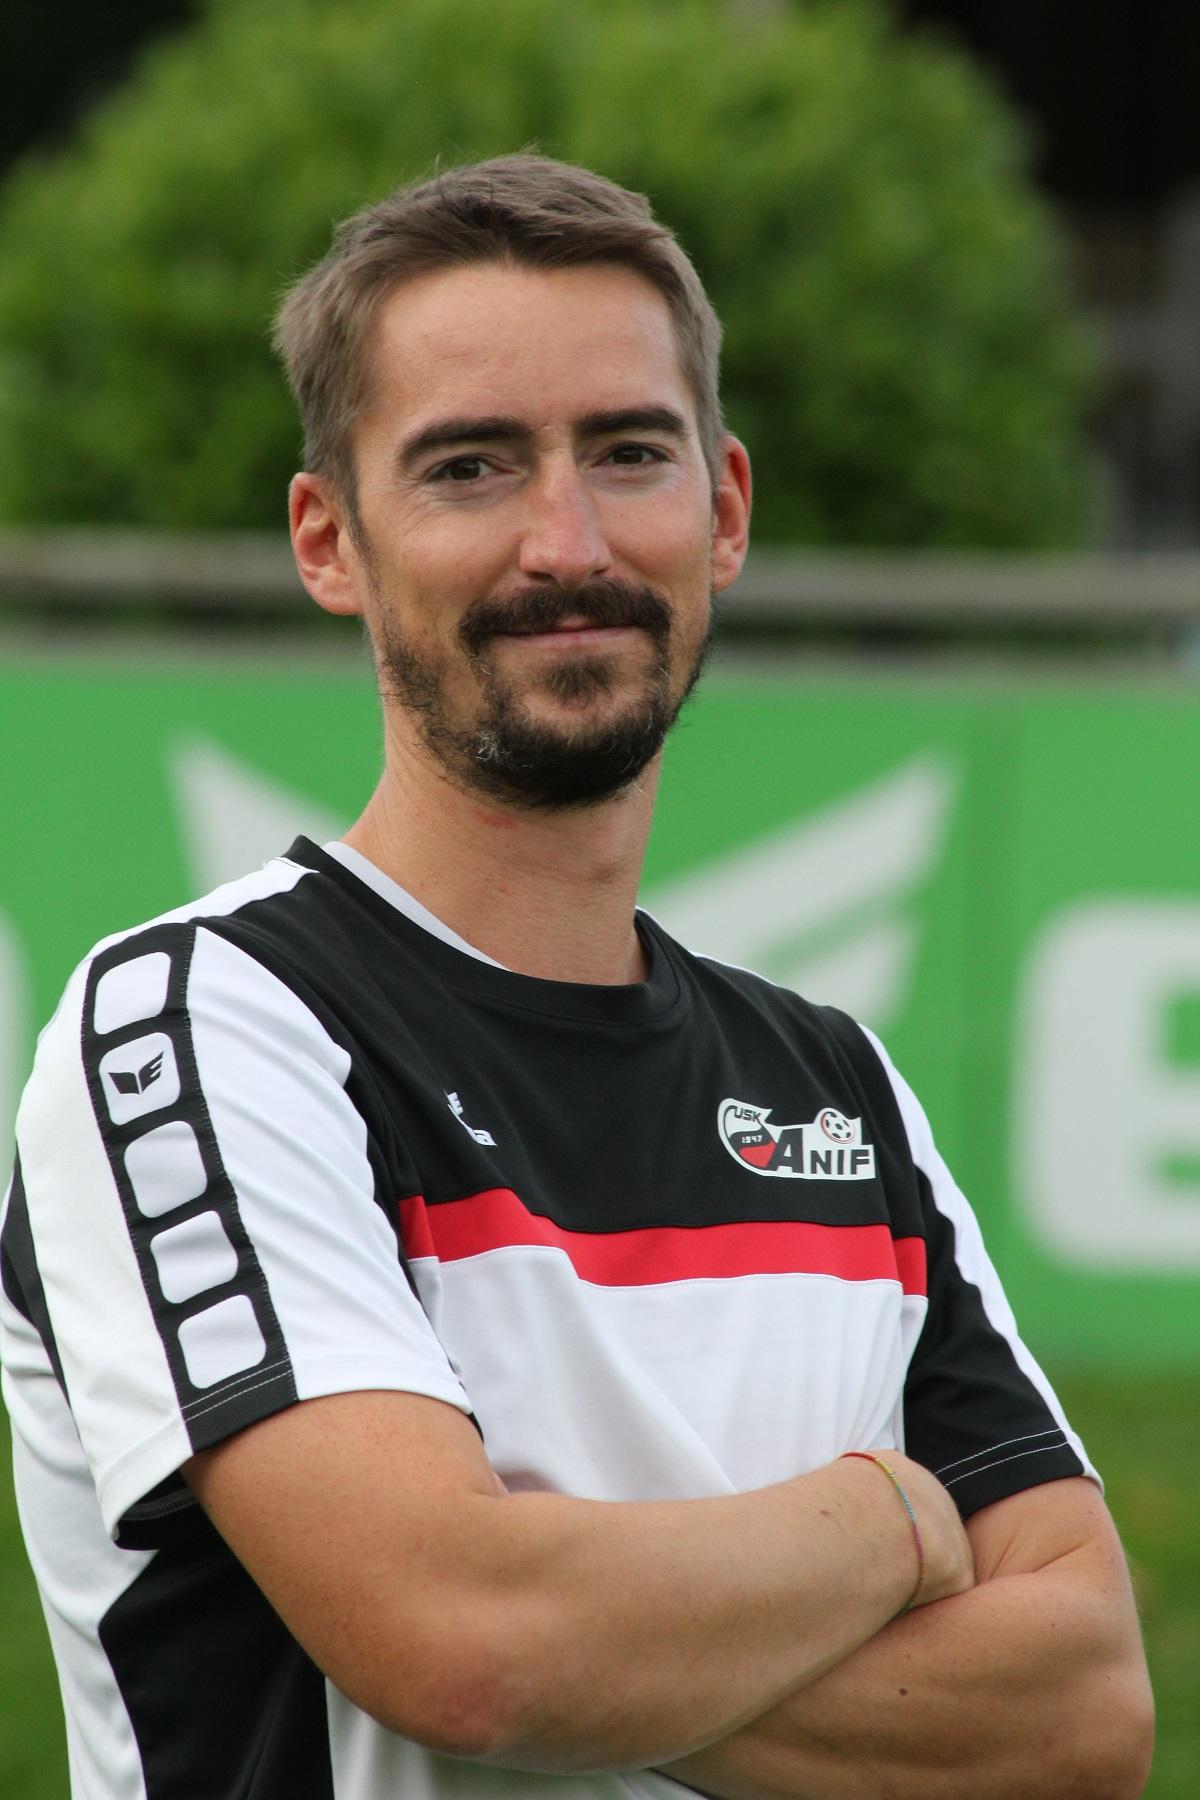 Patrik Hinterberger, USK-Anif